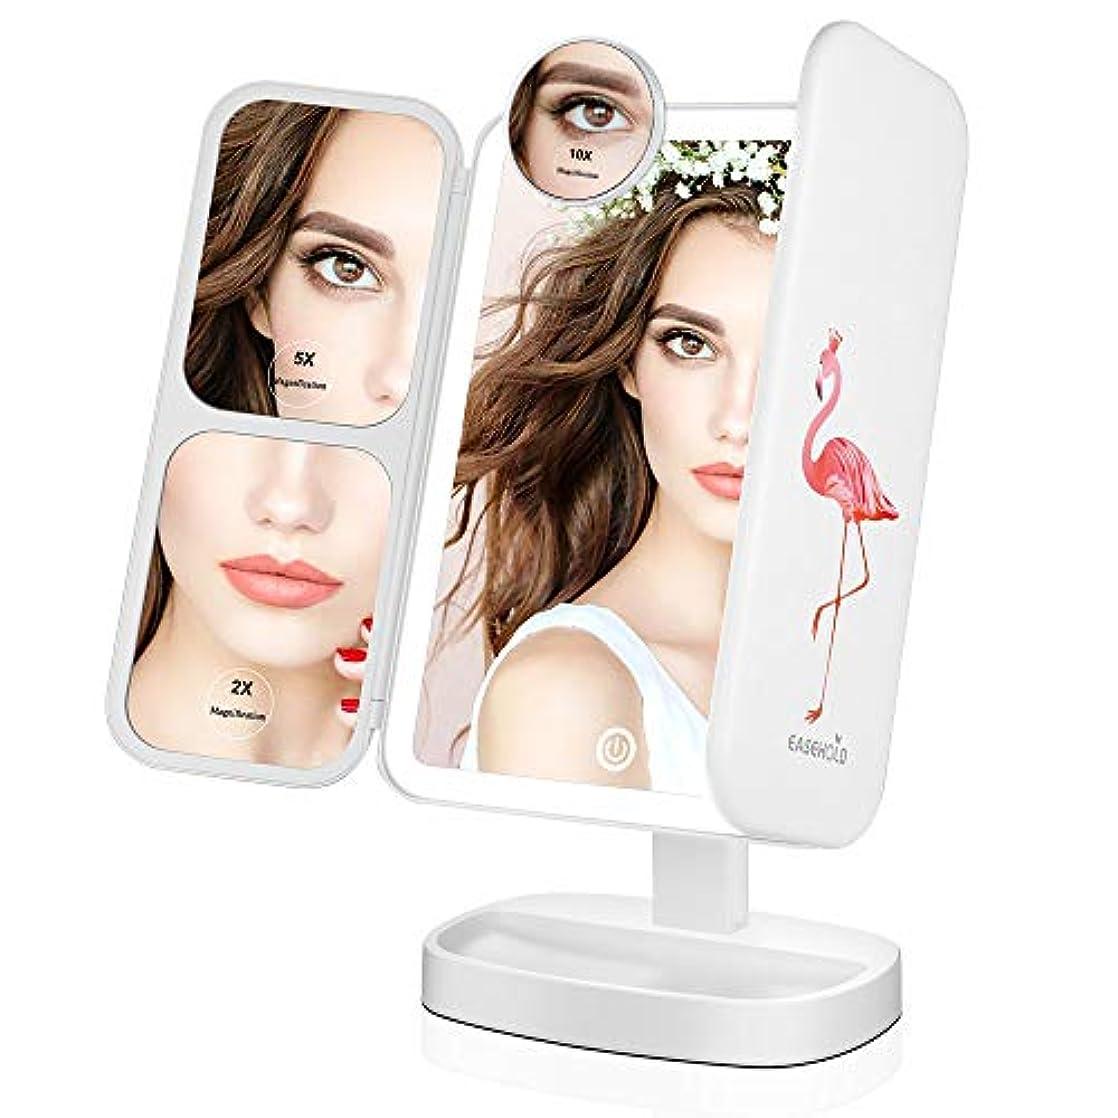 殺しますブロッサム傘Easehold 化粧鏡 三面鏡 化粧ミラー 卓上ミラー 鏡 led付き 折りたたみ 2&5&10倍拡大鏡付き 明るさ調節可能 180°回転 プレゼント(ホワイト-フラミンゴ)